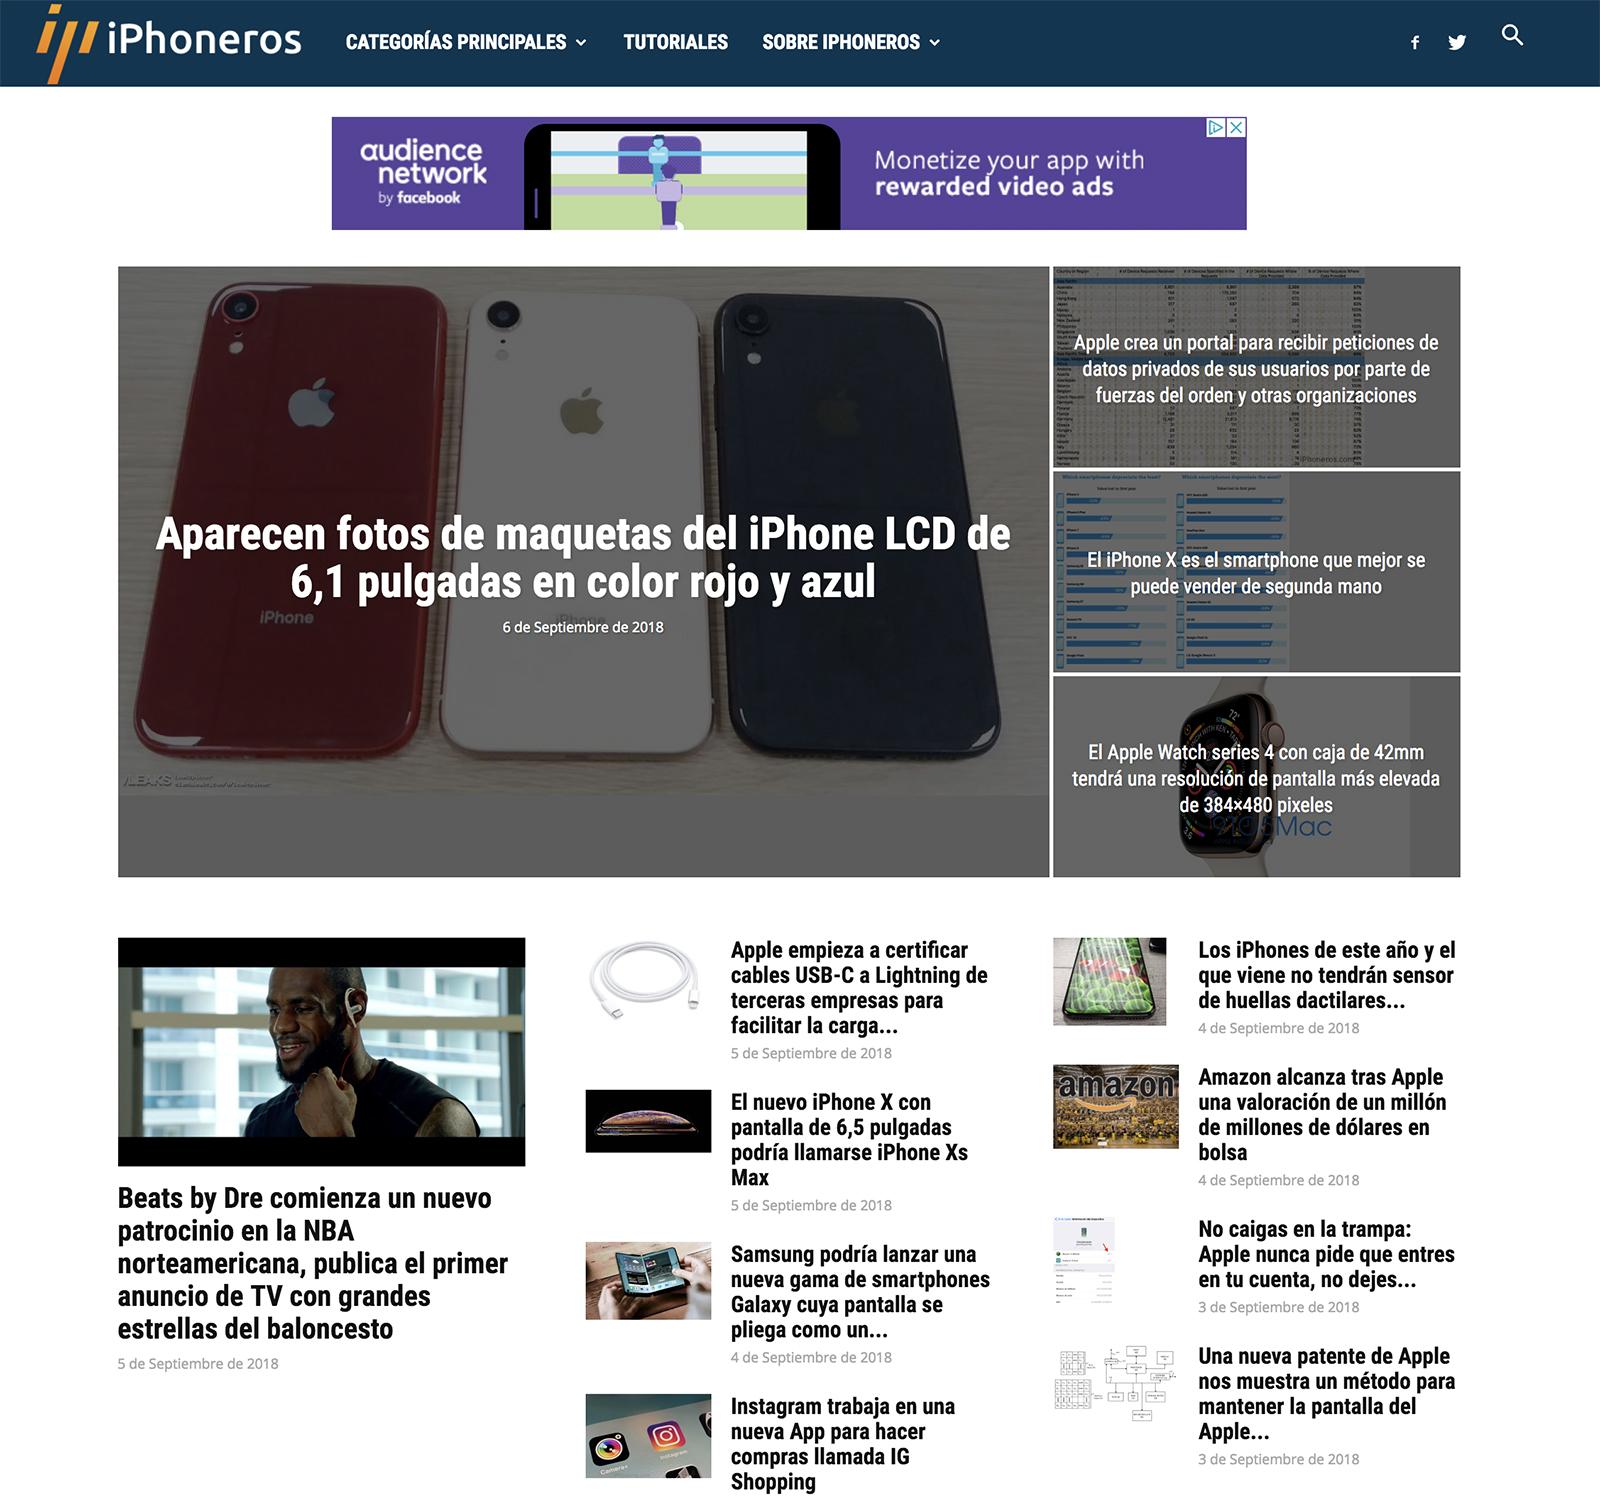 Nuevo diseño de iPhoneros en un ordenador